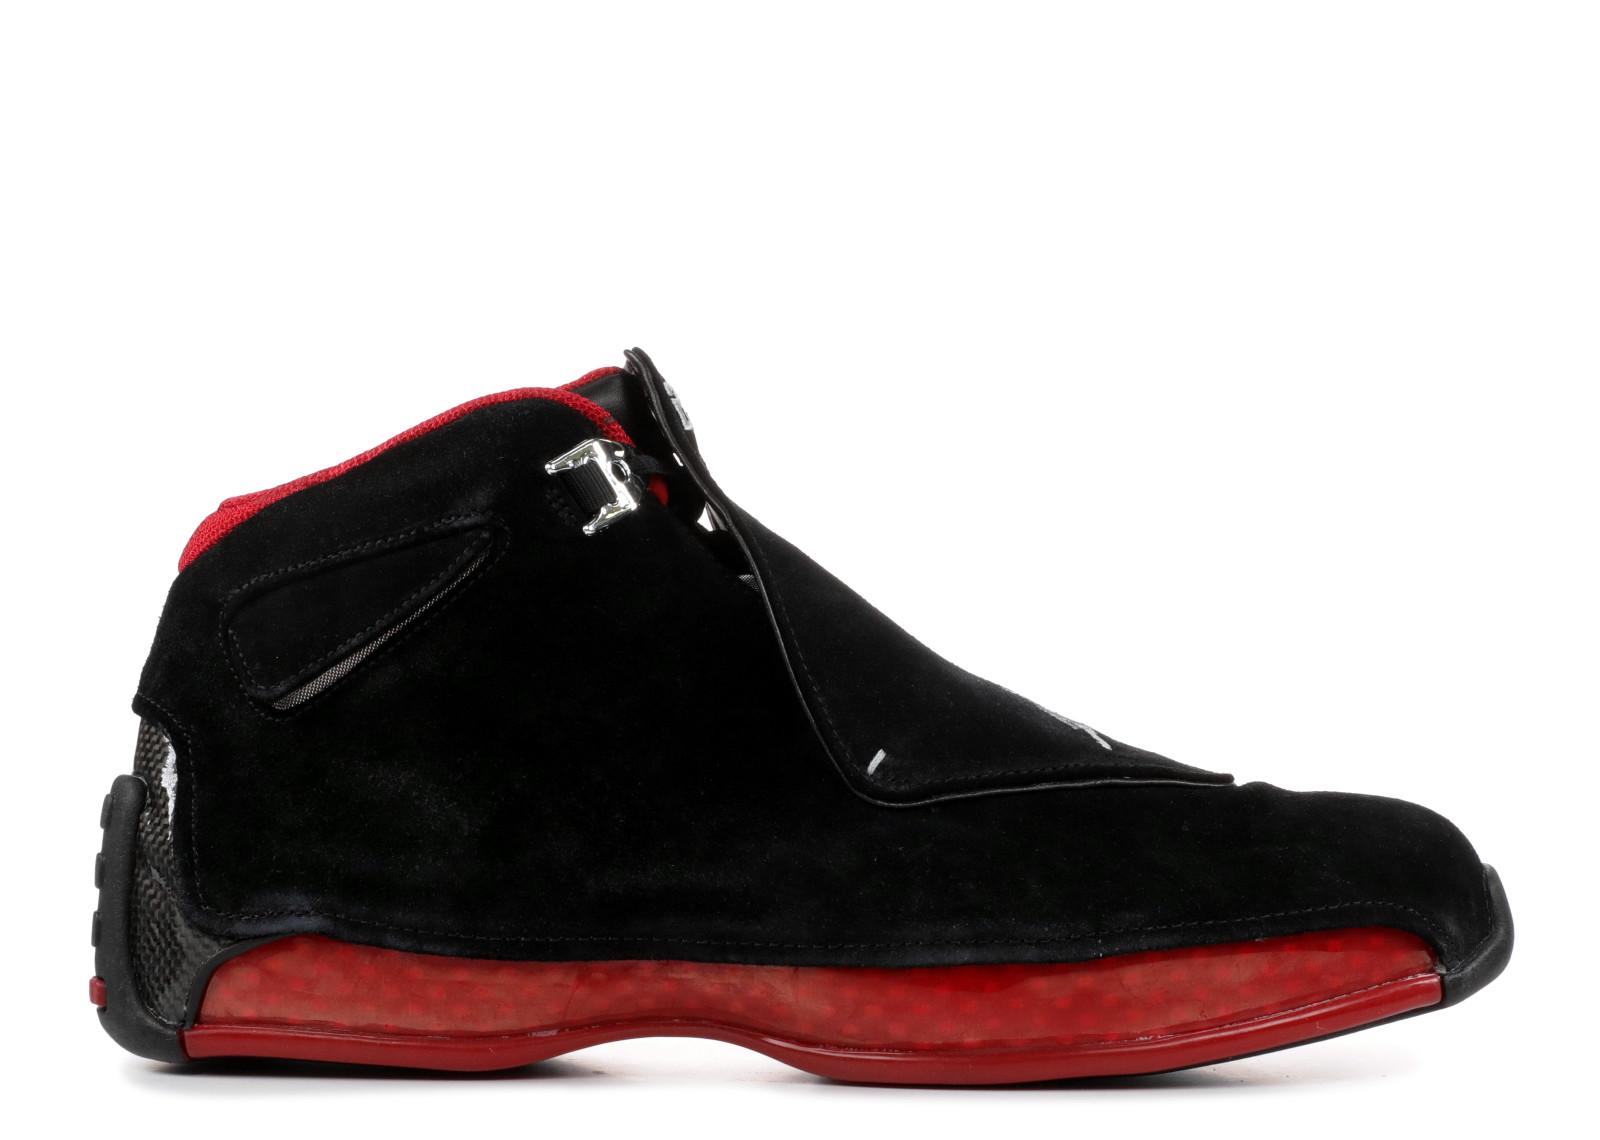 エアー ジョーダン レトロ カウントダウン パック 赤 レッド メンズ 男性用 靴 スニーカー メンズ靴 【 AIR JORDAN 18 RETRO COUNTDOWN PACK BLACK VARSITY RED 】